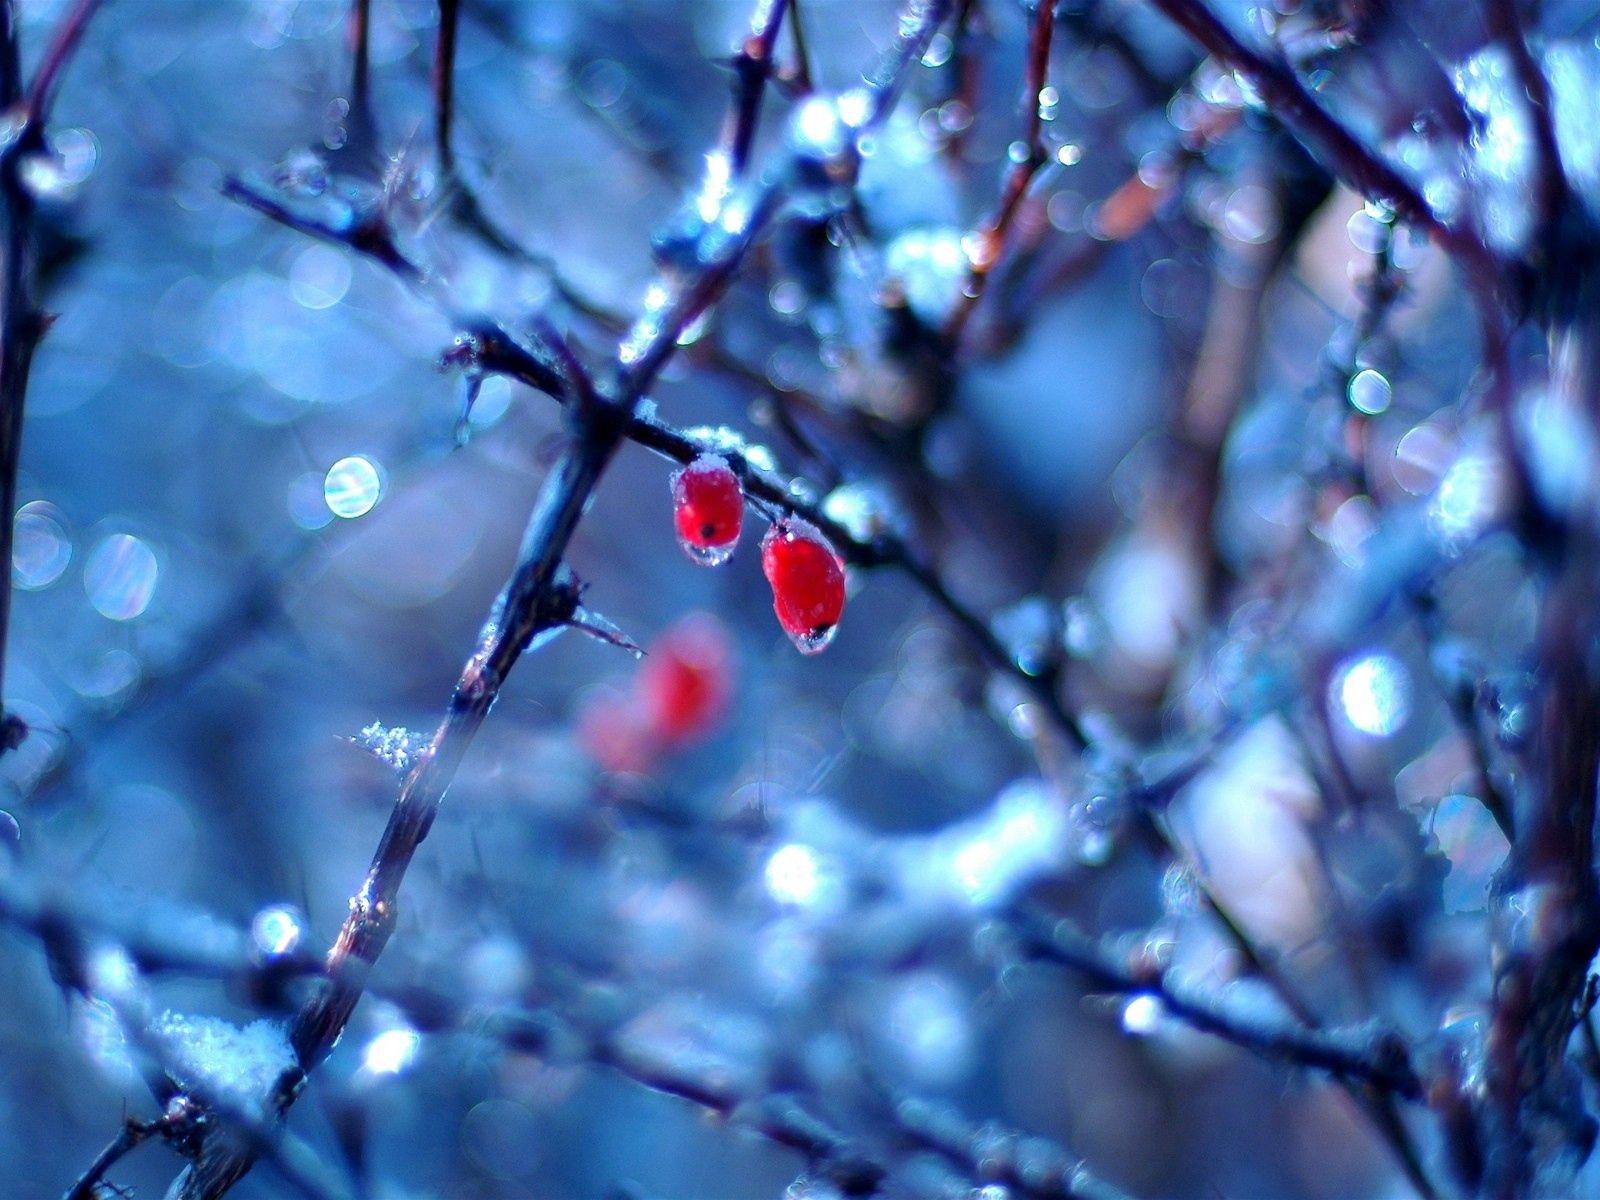 70764 скачать обои Природа, Шиповник, Весна, Плоды, Дождь, Ягоды - заставки и картинки бесплатно